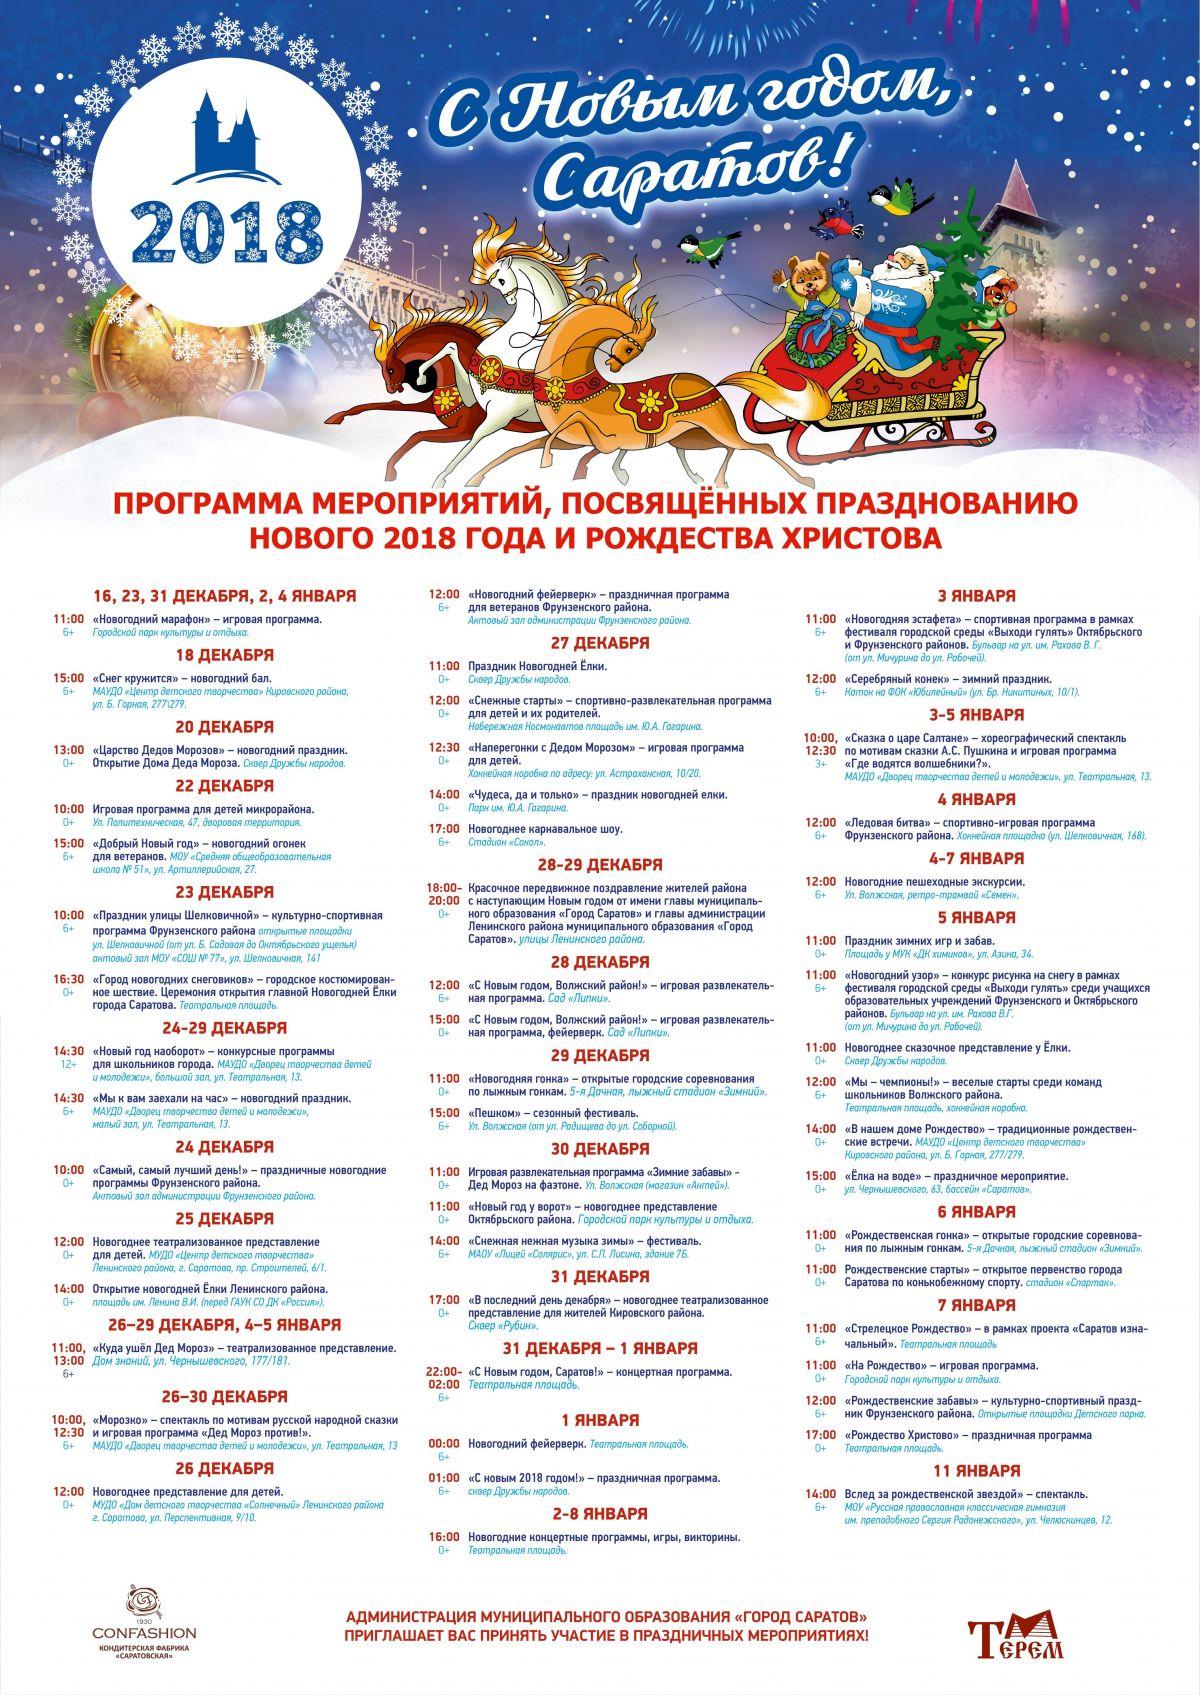 Программа на празднование нового года